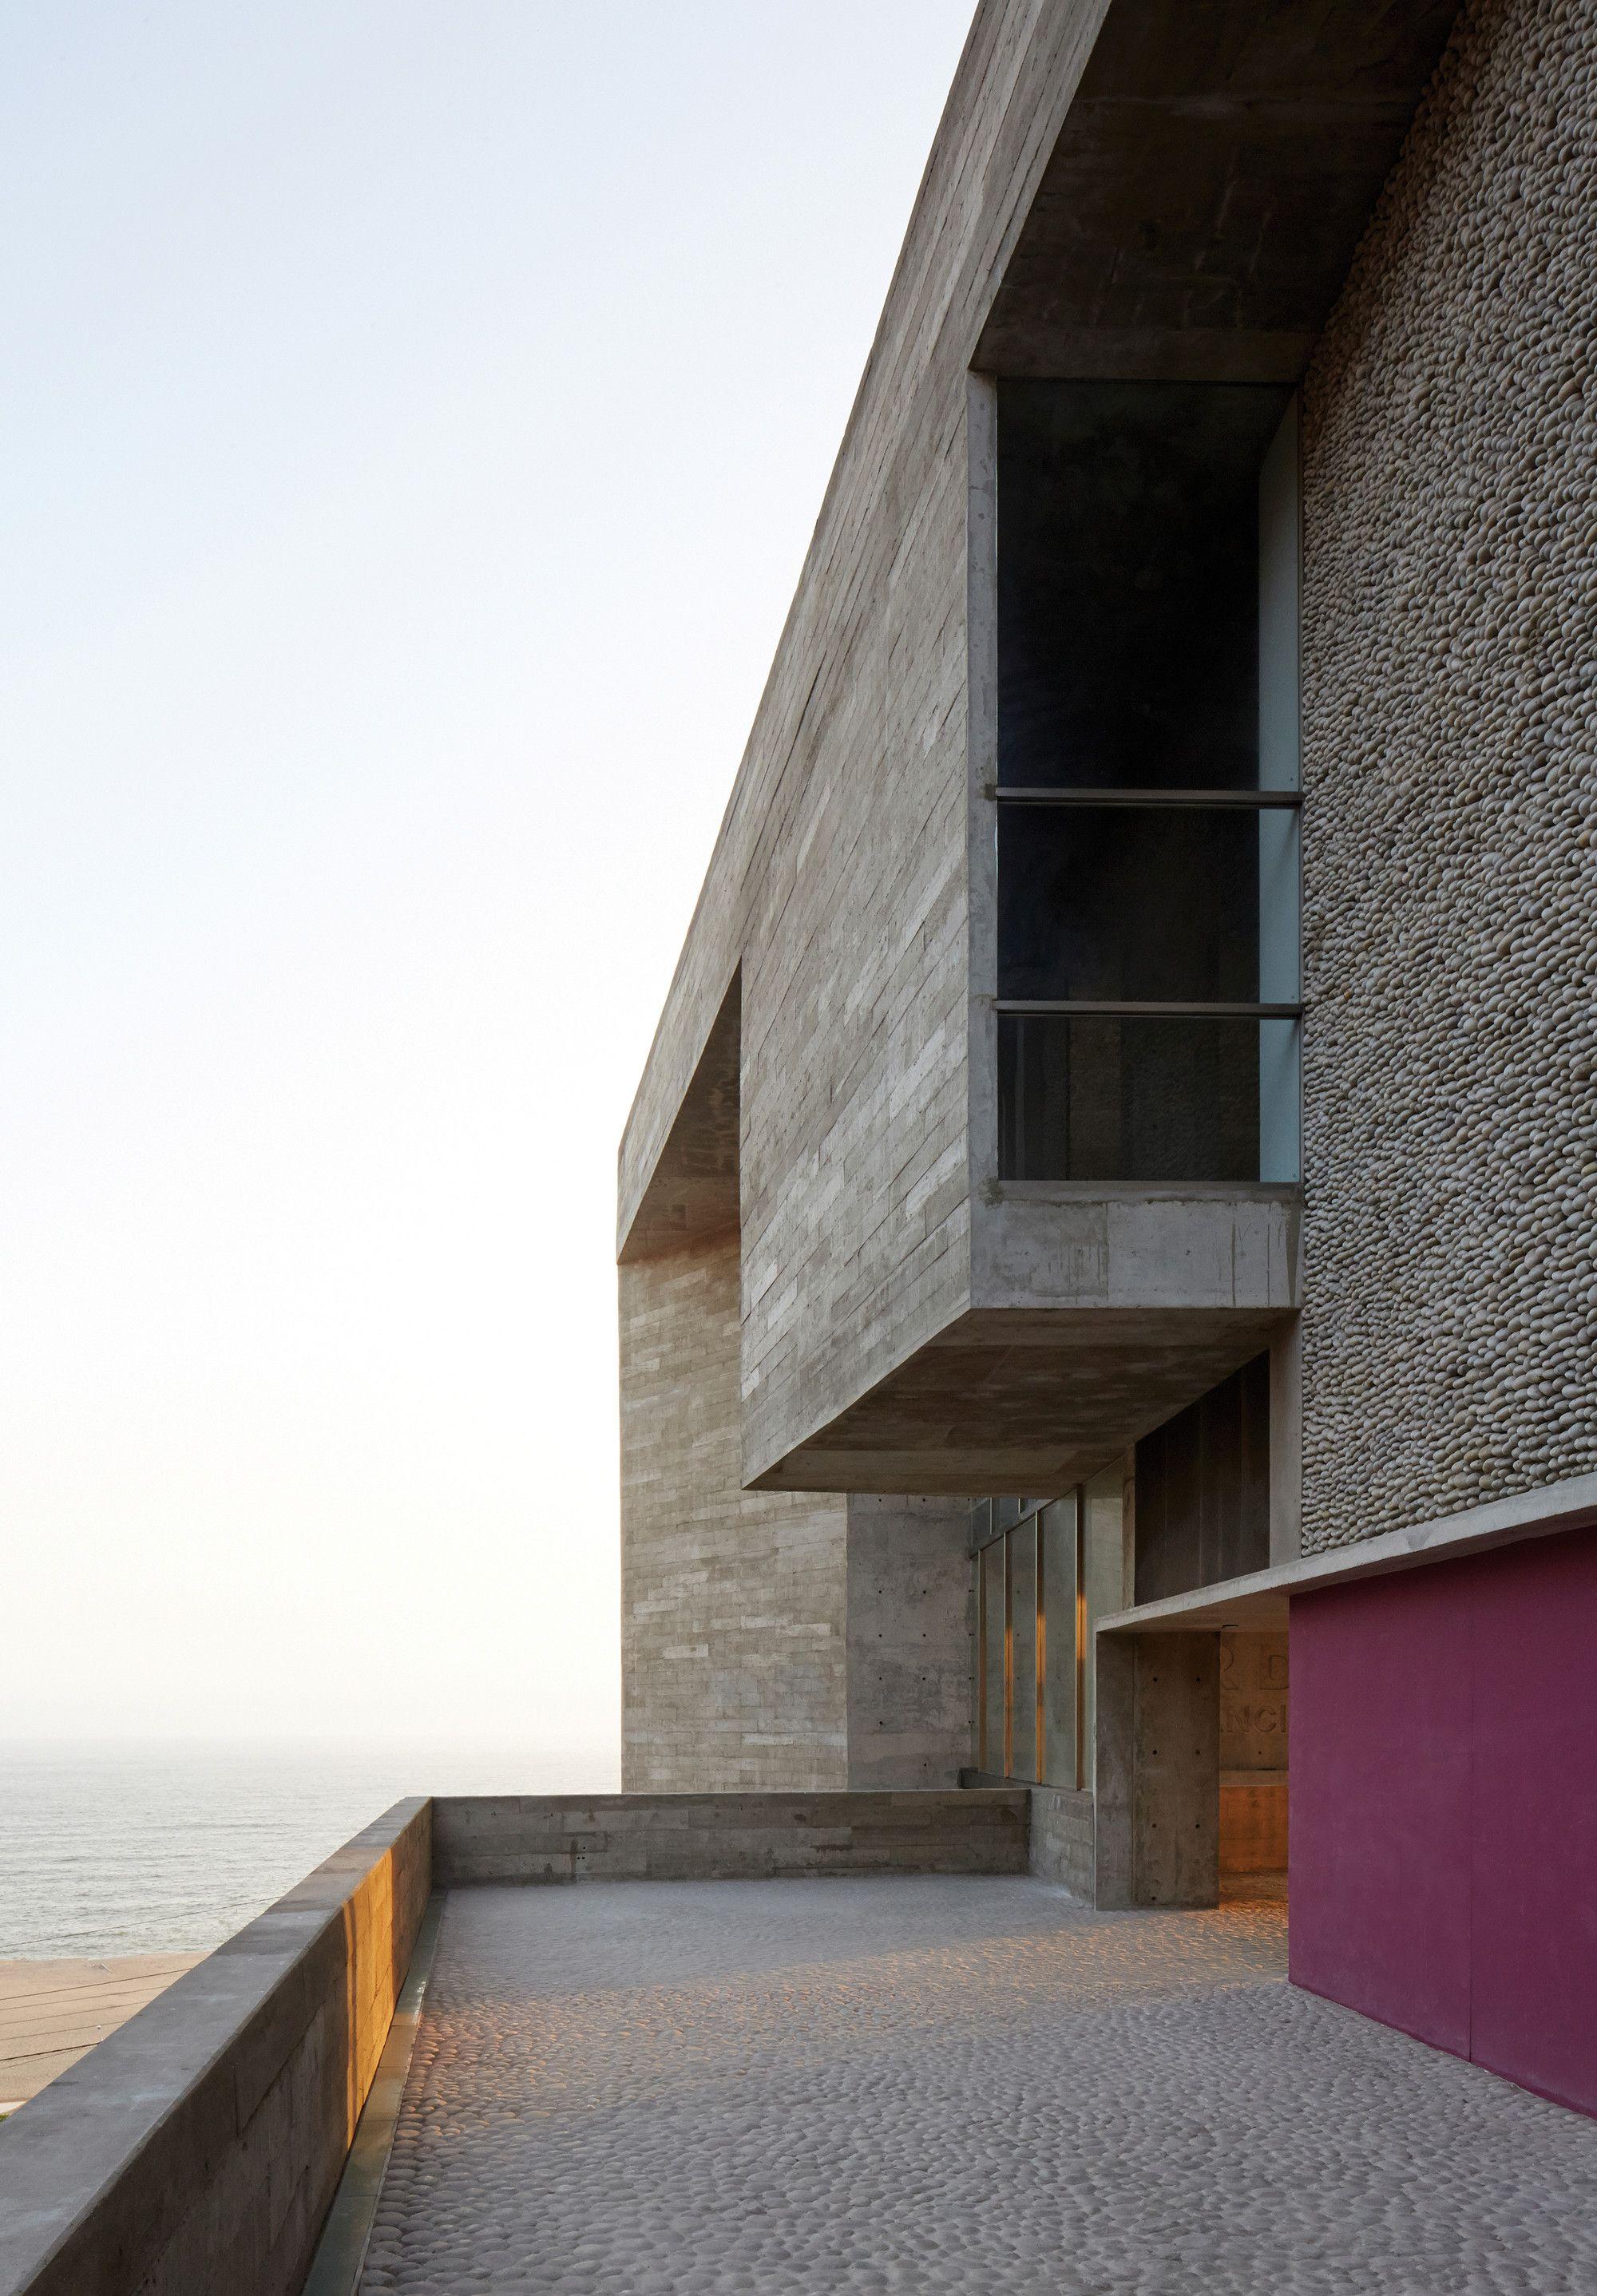 Lugar de La Memoria,© Cristobal Palma / Estudio Palma